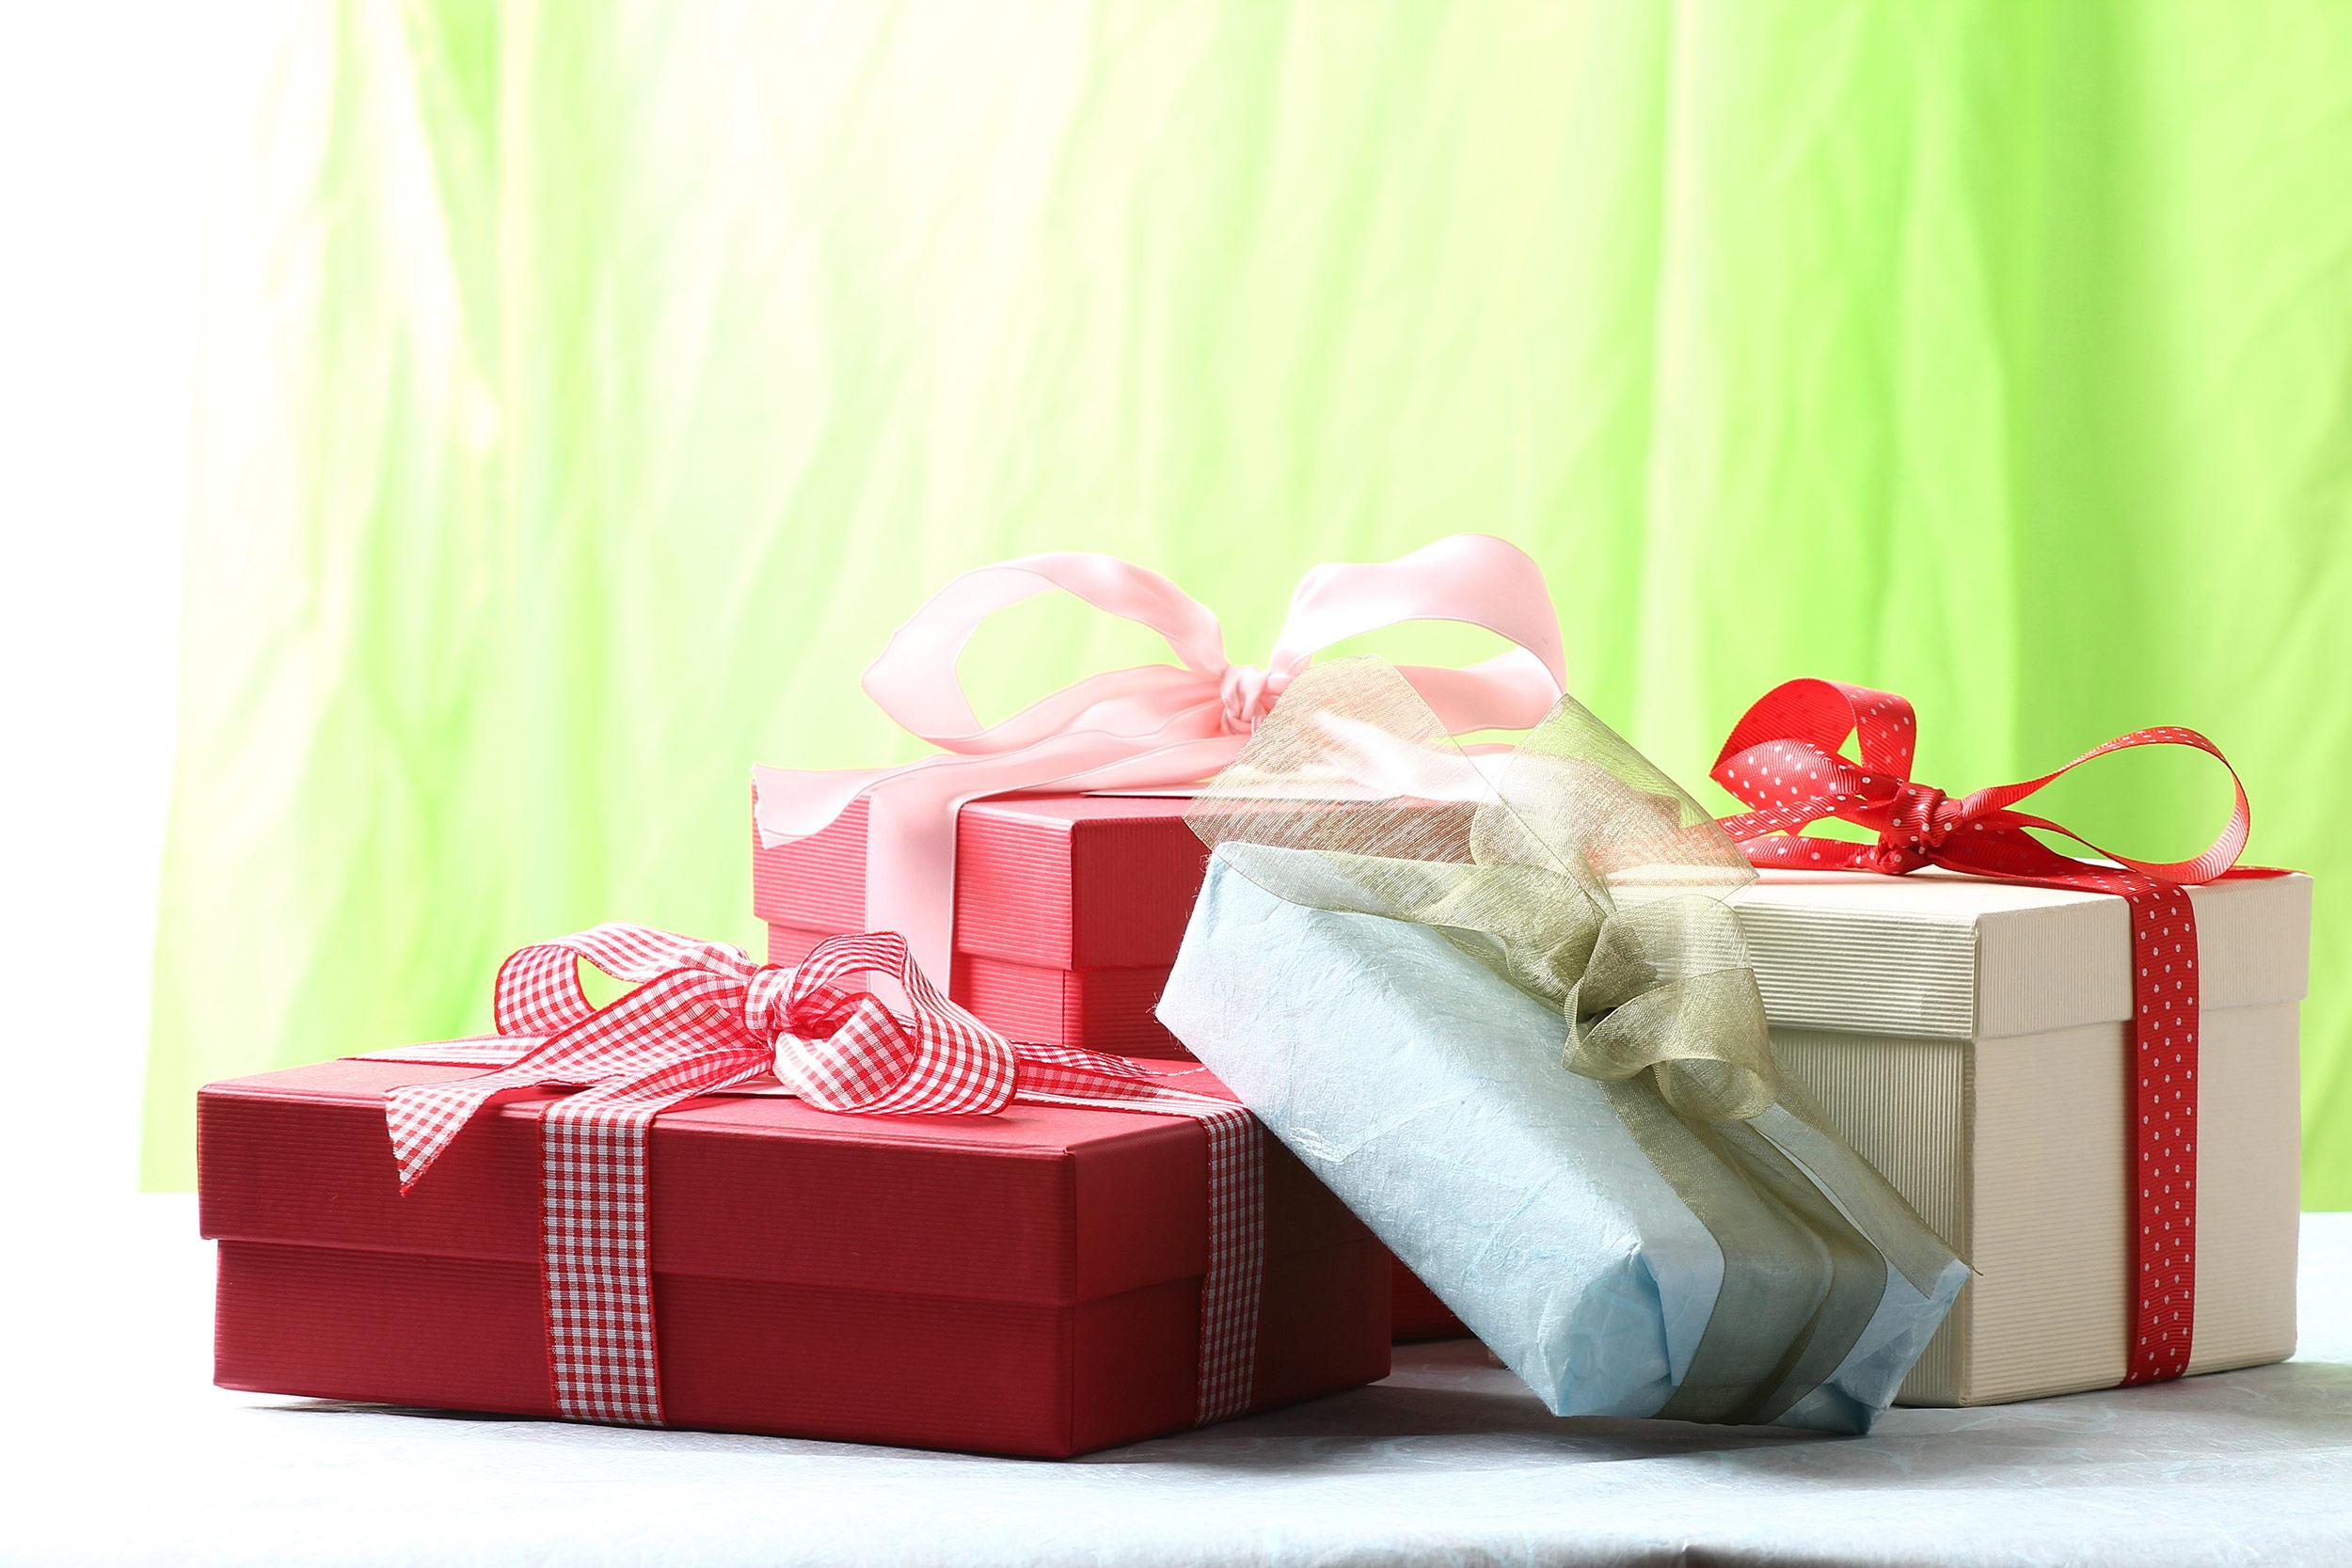 weihnachtsgeschenke auf gr n fotografie grafik webdesign. Black Bedroom Furniture Sets. Home Design Ideas